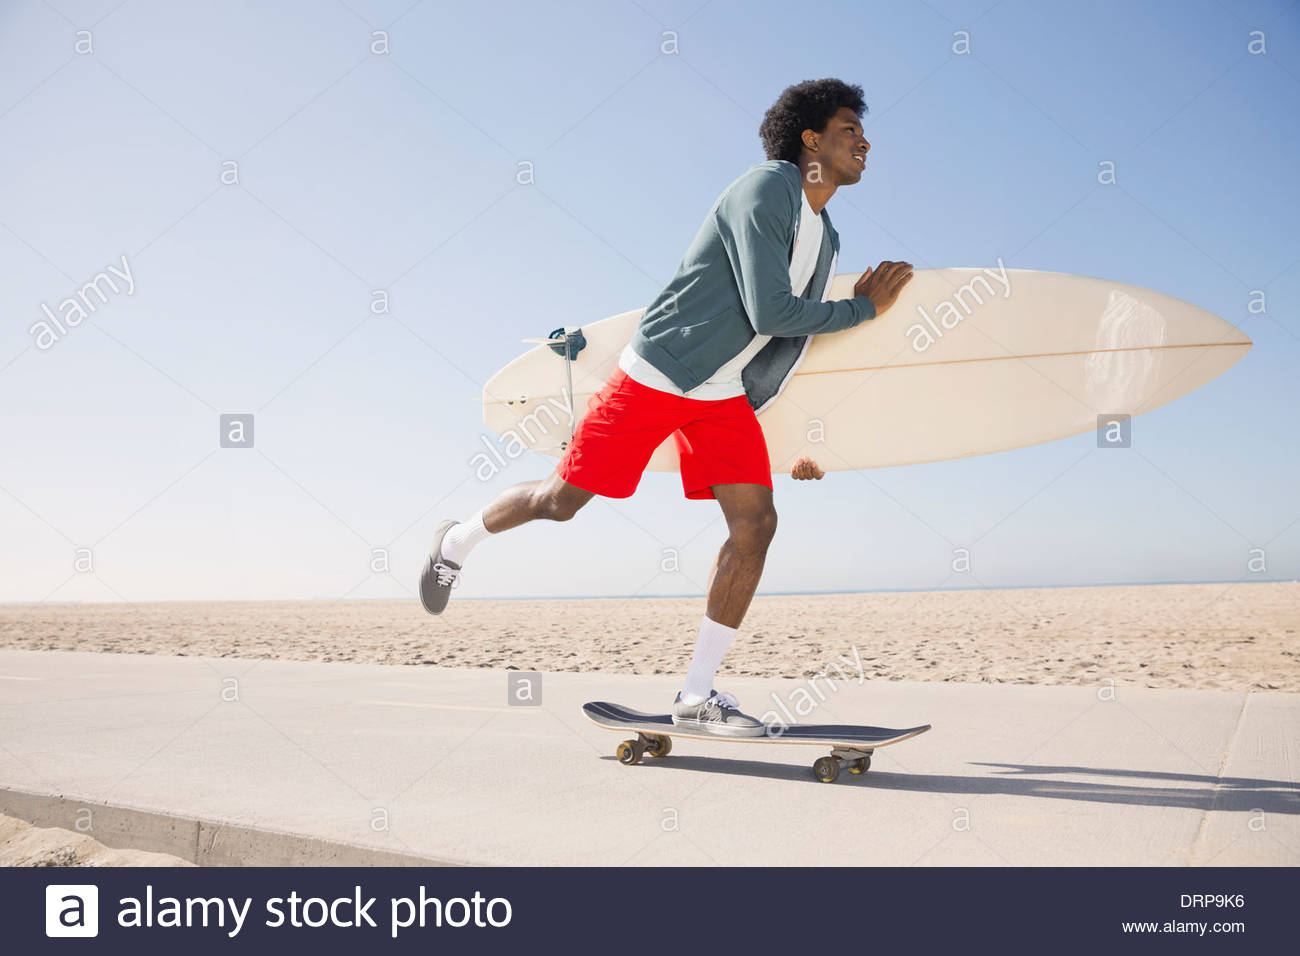 Surfer am Strand skateboarding Stockbild